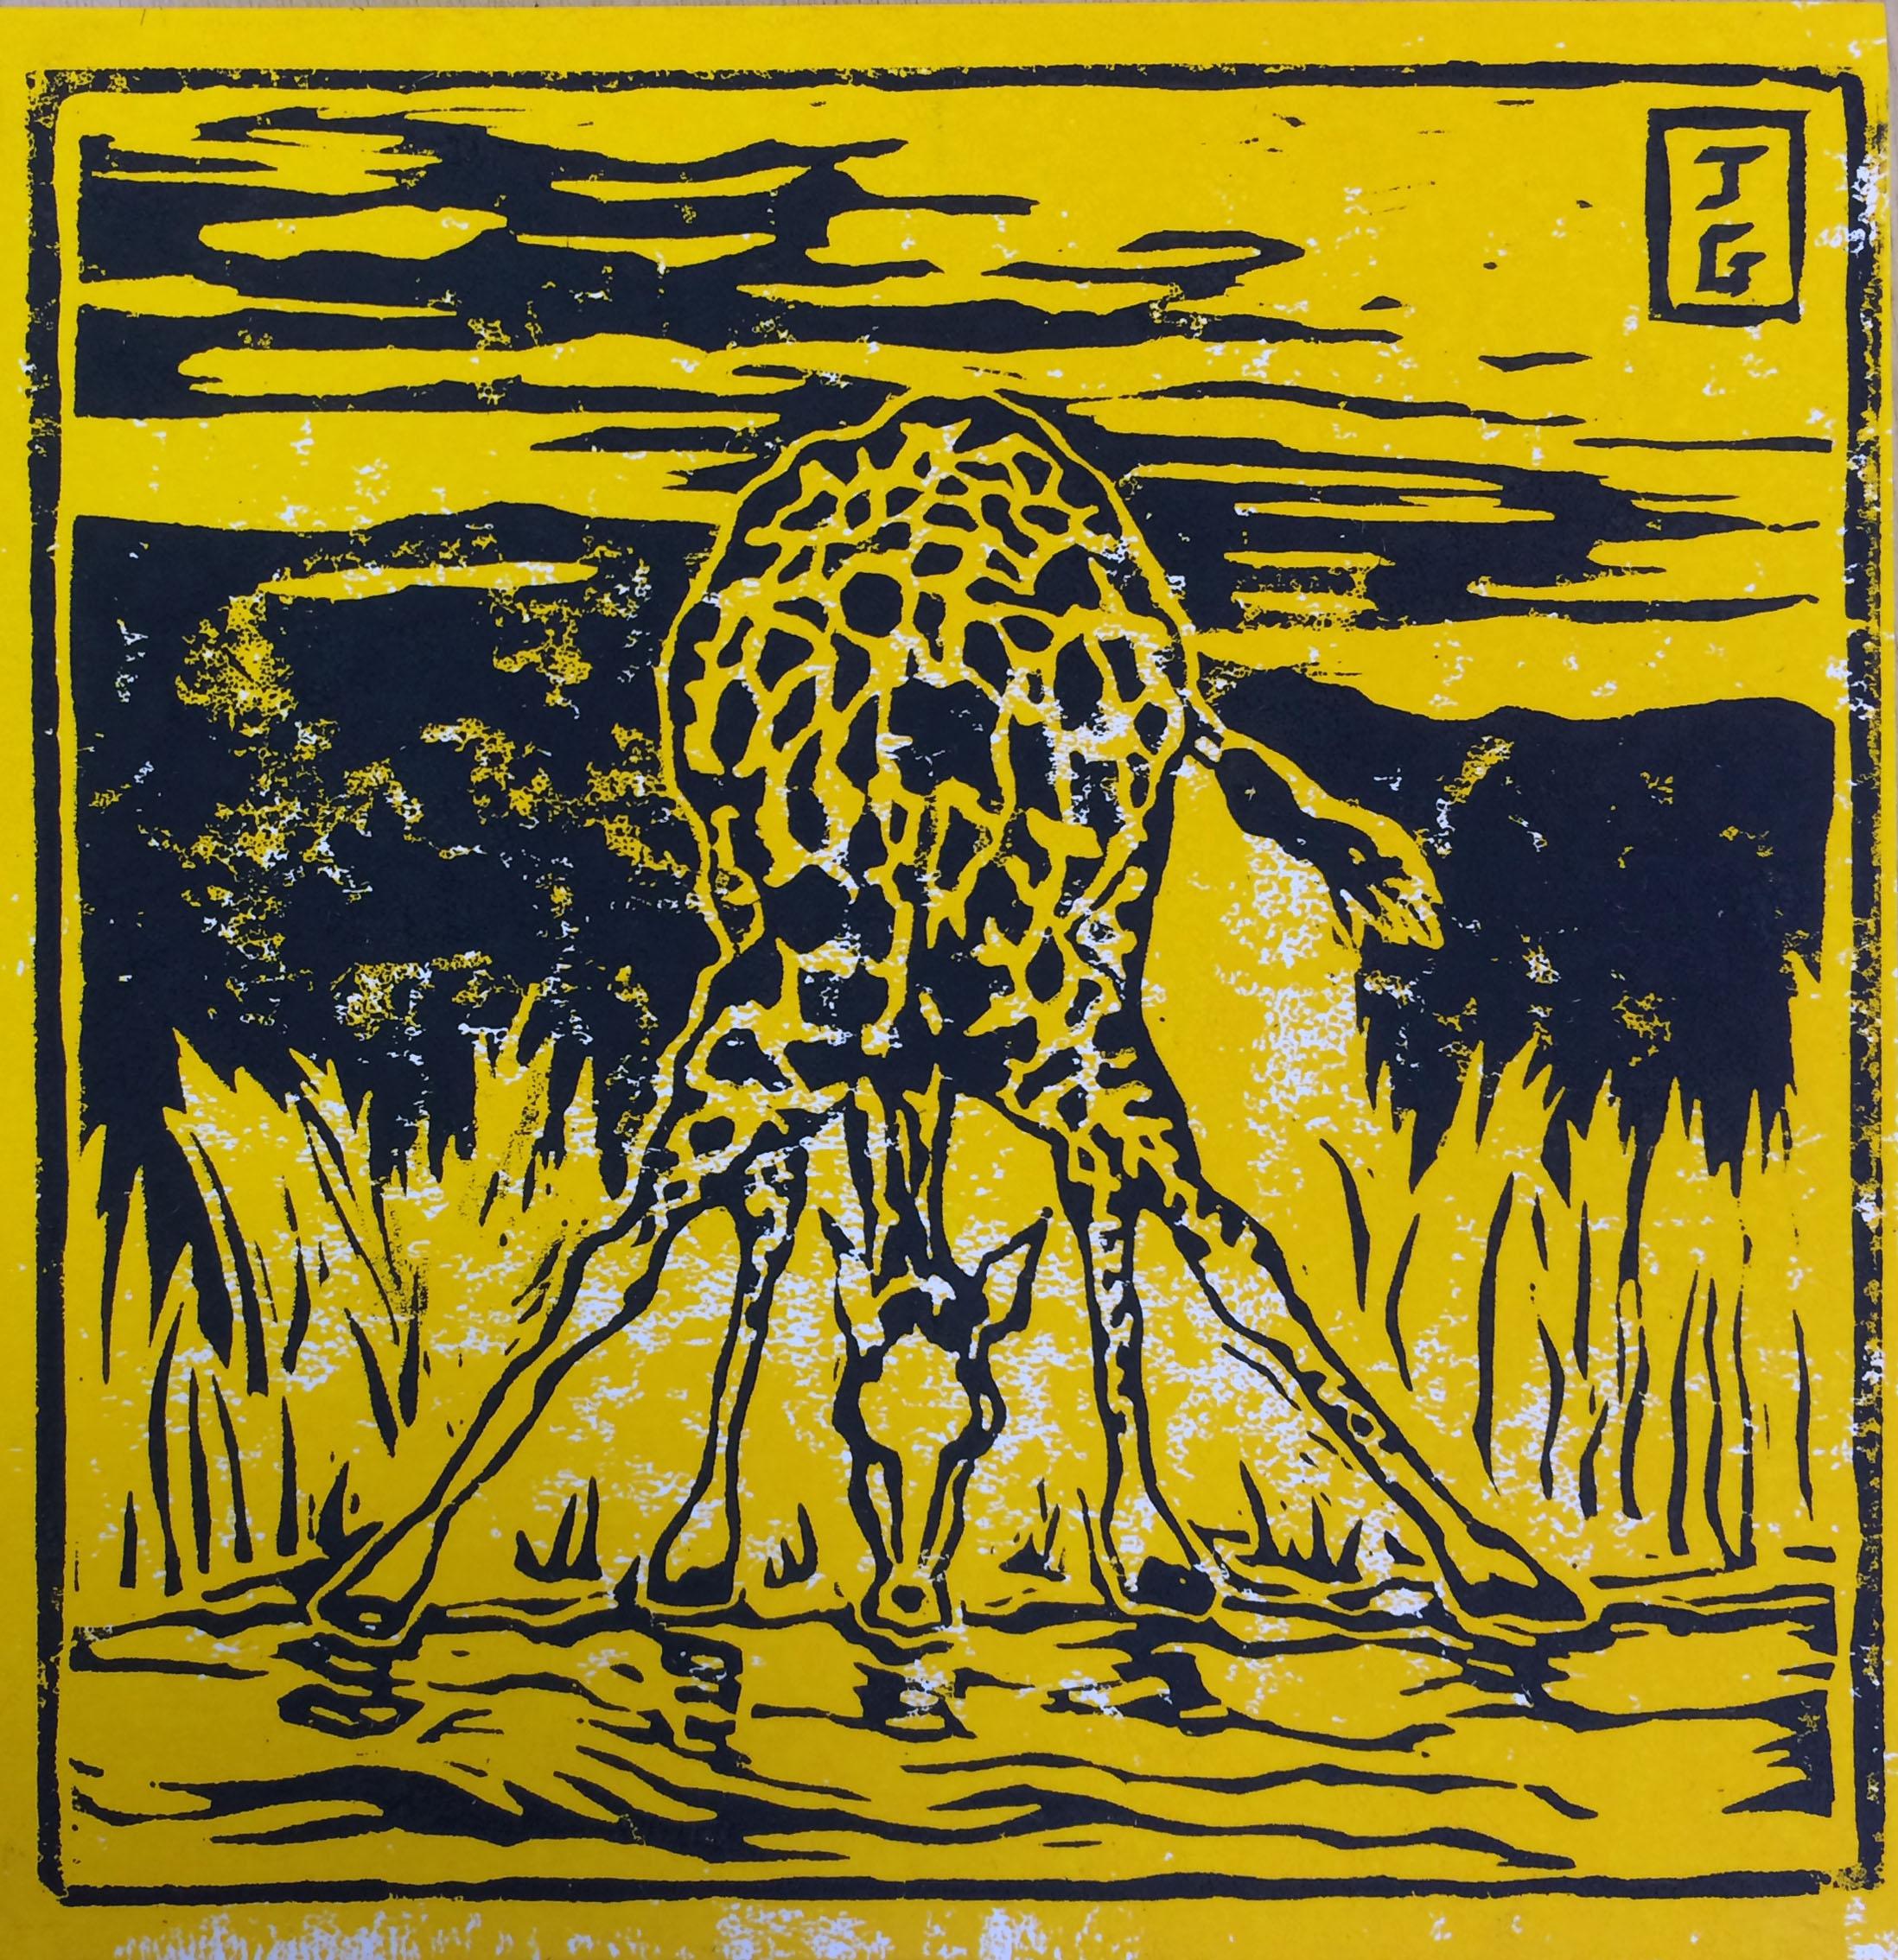 Girafe buvant - Noir et jaune